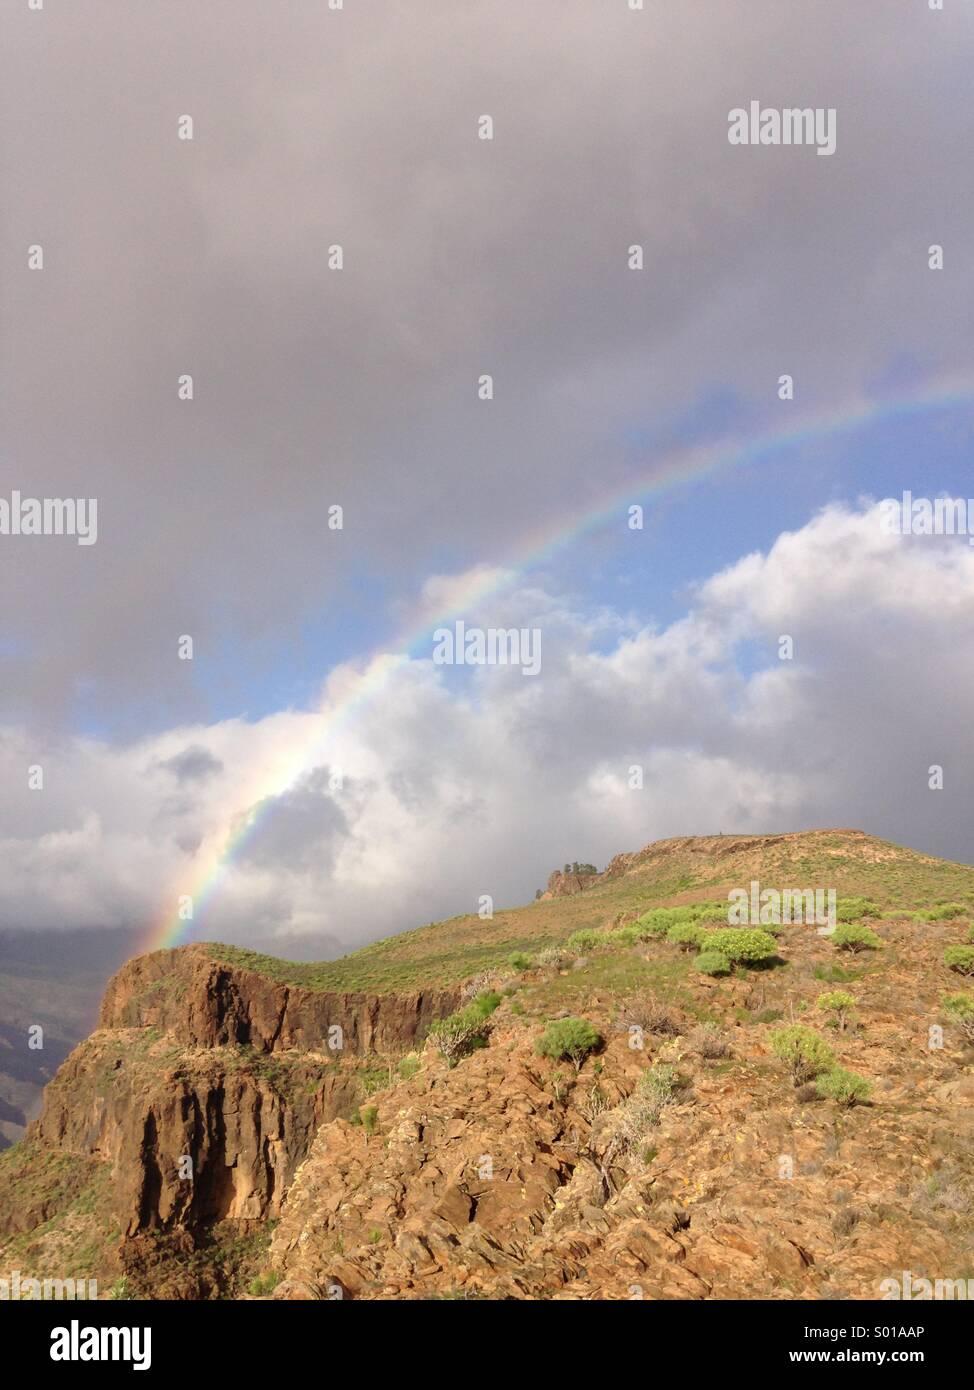 Arco Iris, montaña ,cielo,nubes, azul, Immagini Stock